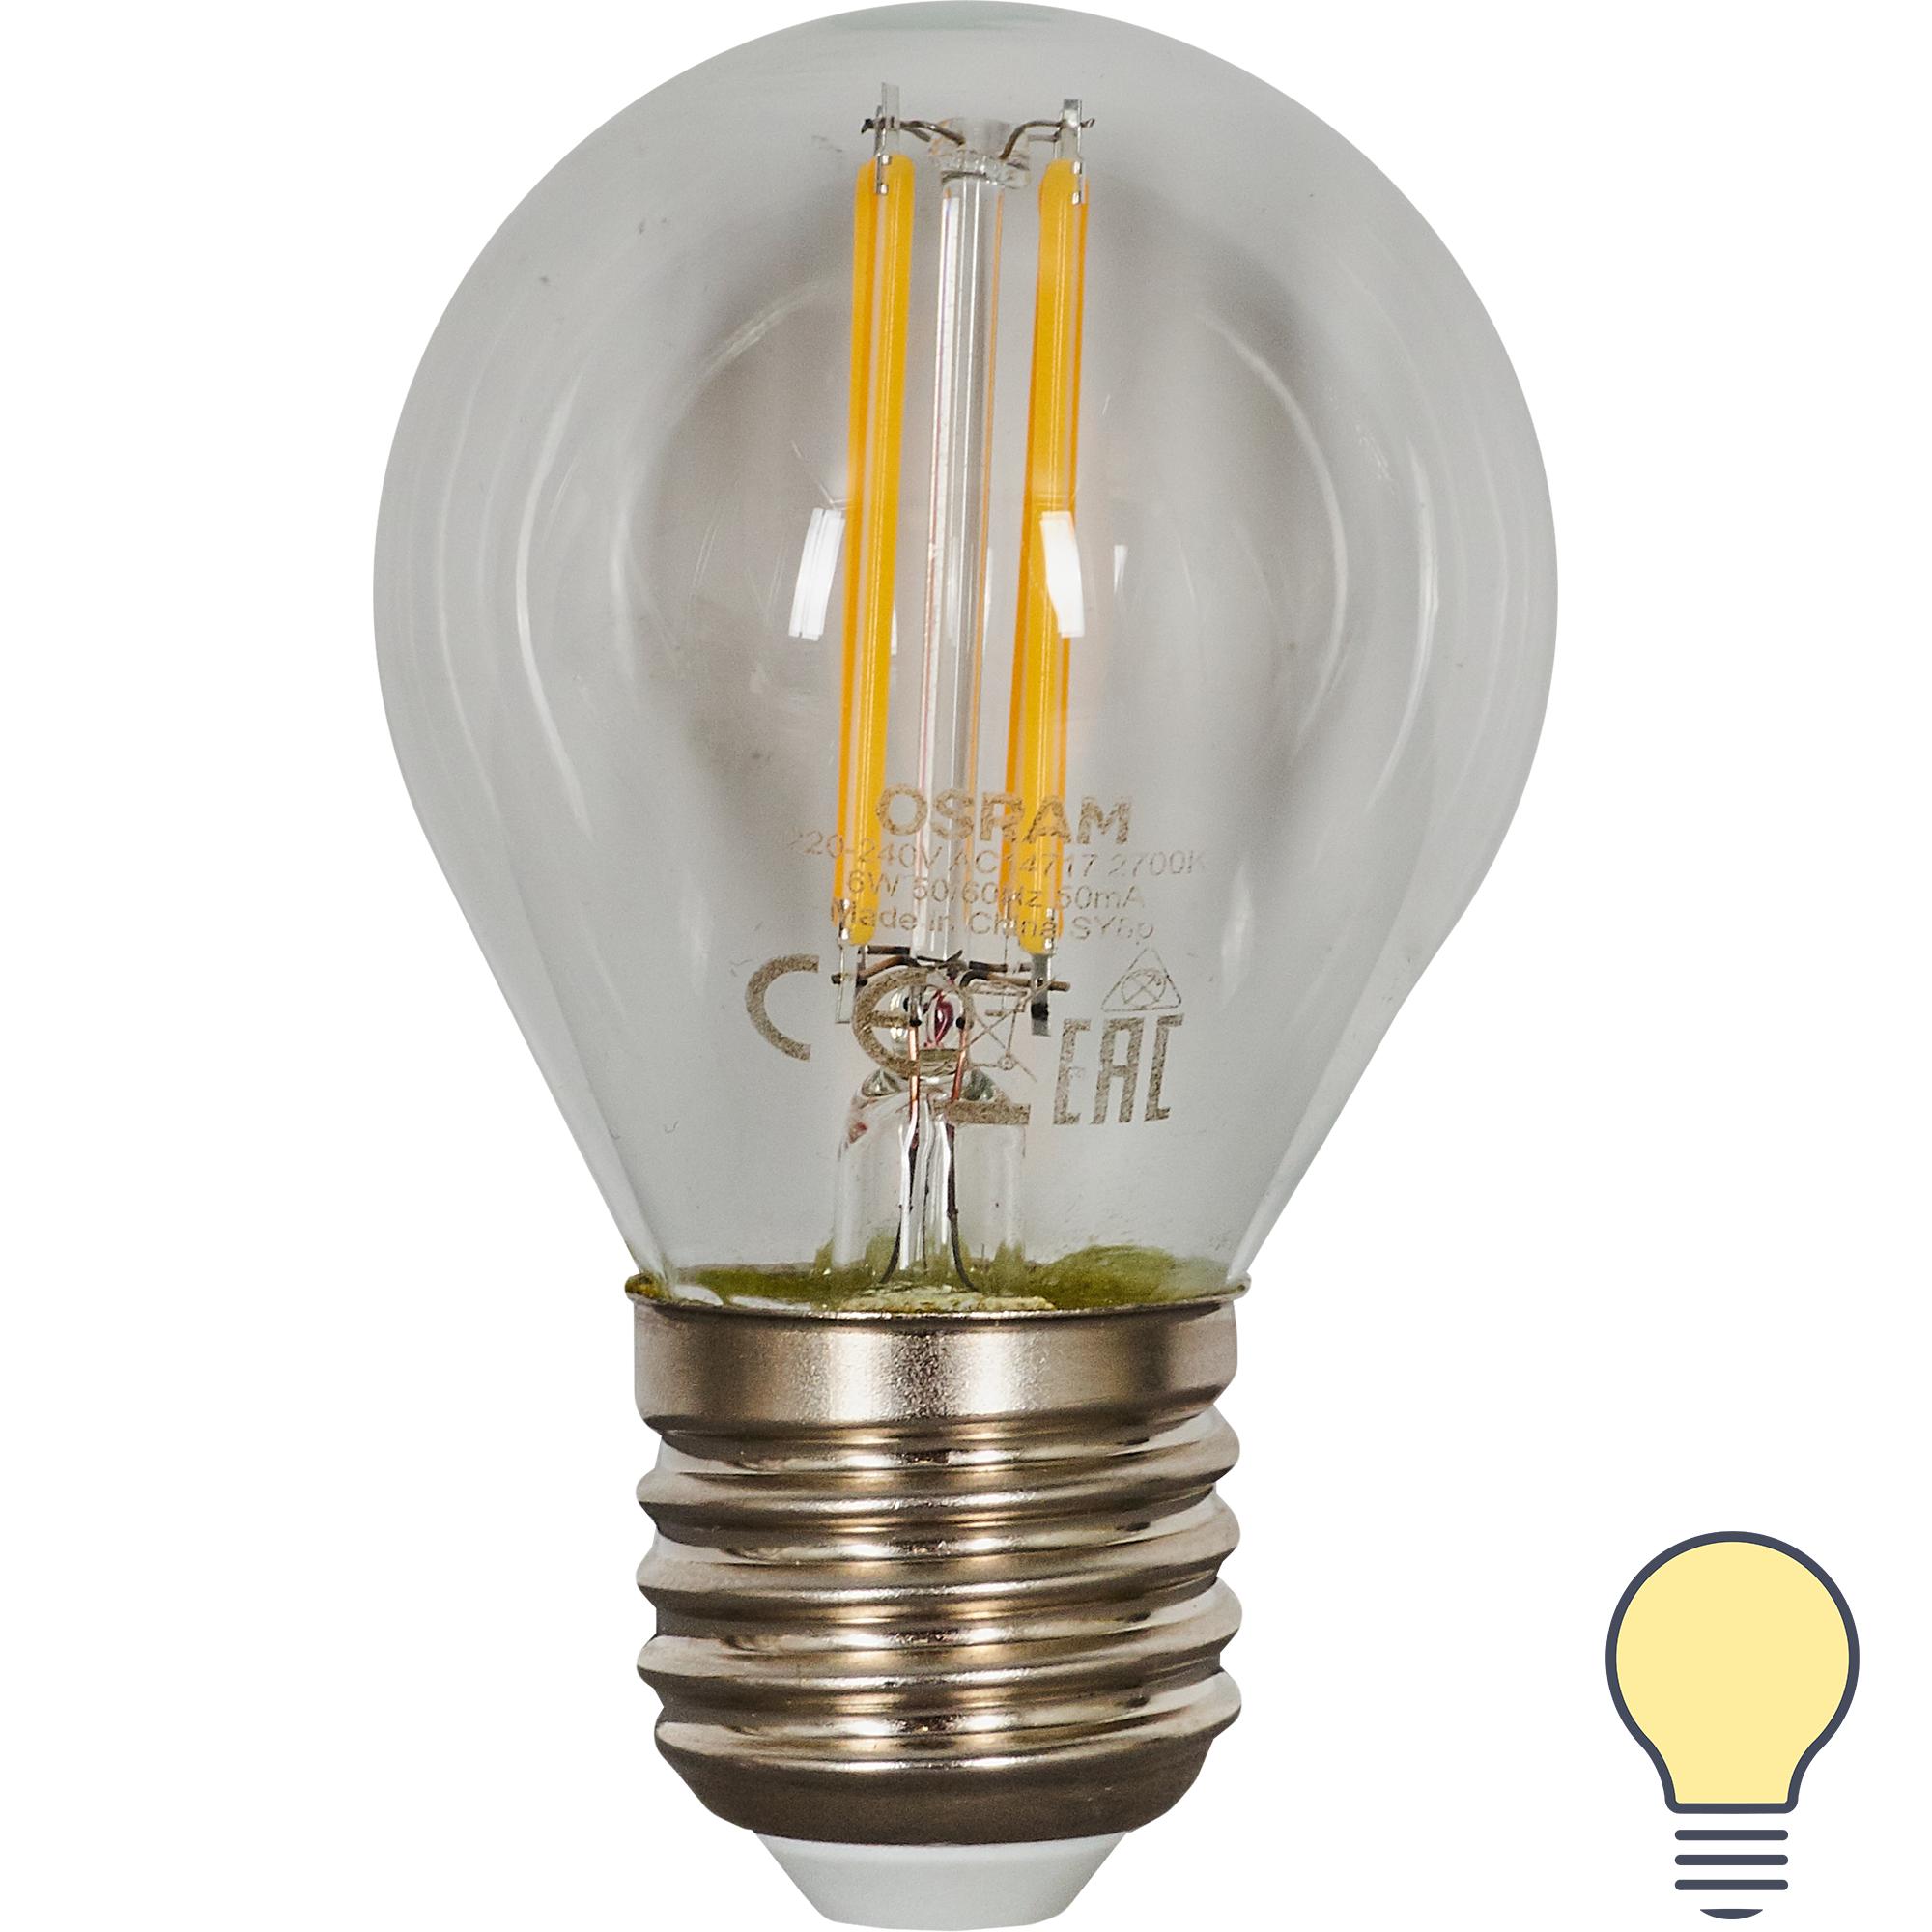 Лампа светодиодная Osram E27 220 В 6 Вт шар прозрачная 800 лм тёплый белый свет